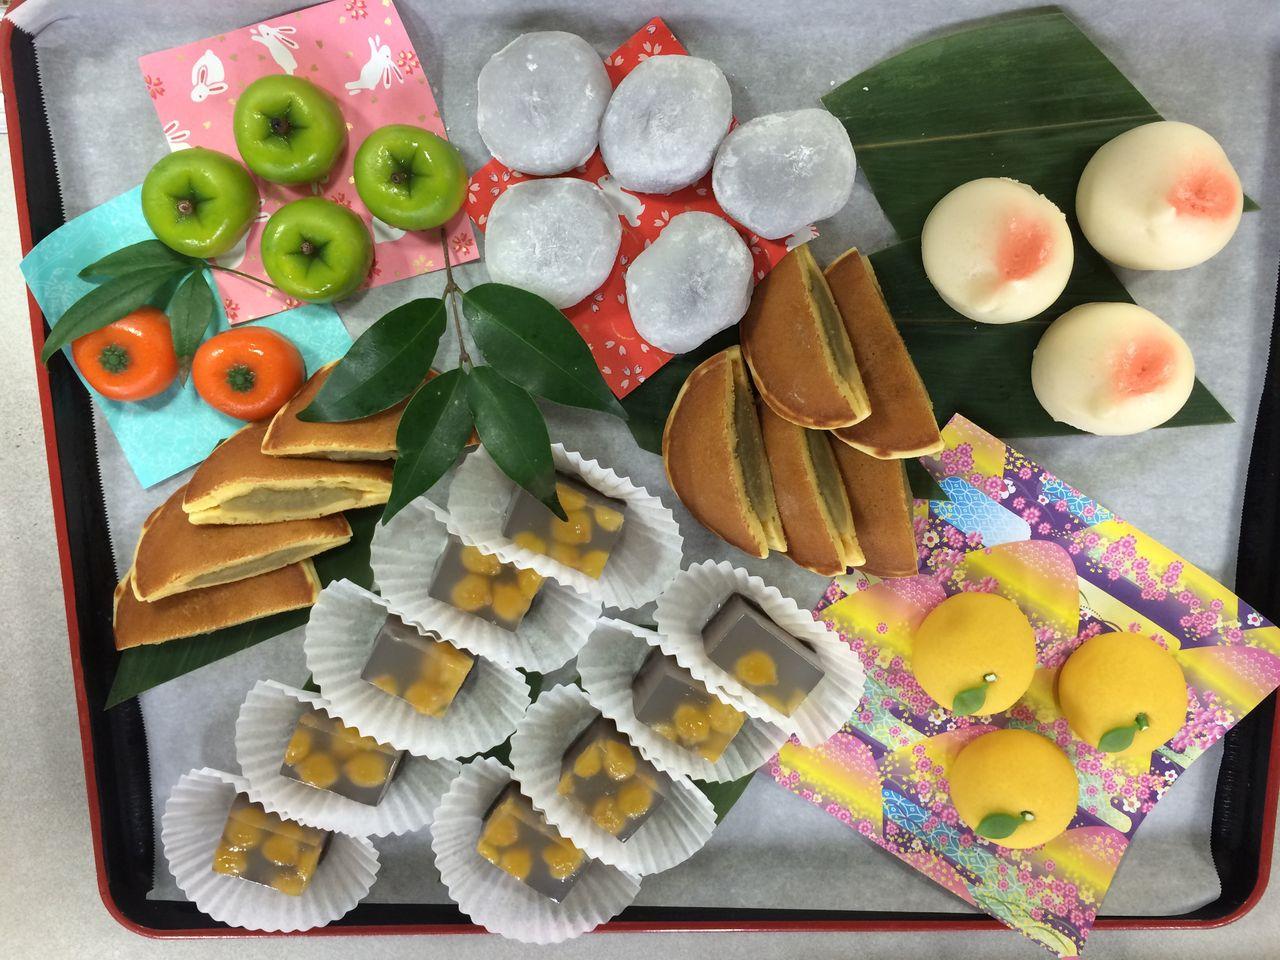 ホームステーションらいふ相武台のblog : 和菓子スイーツ ...